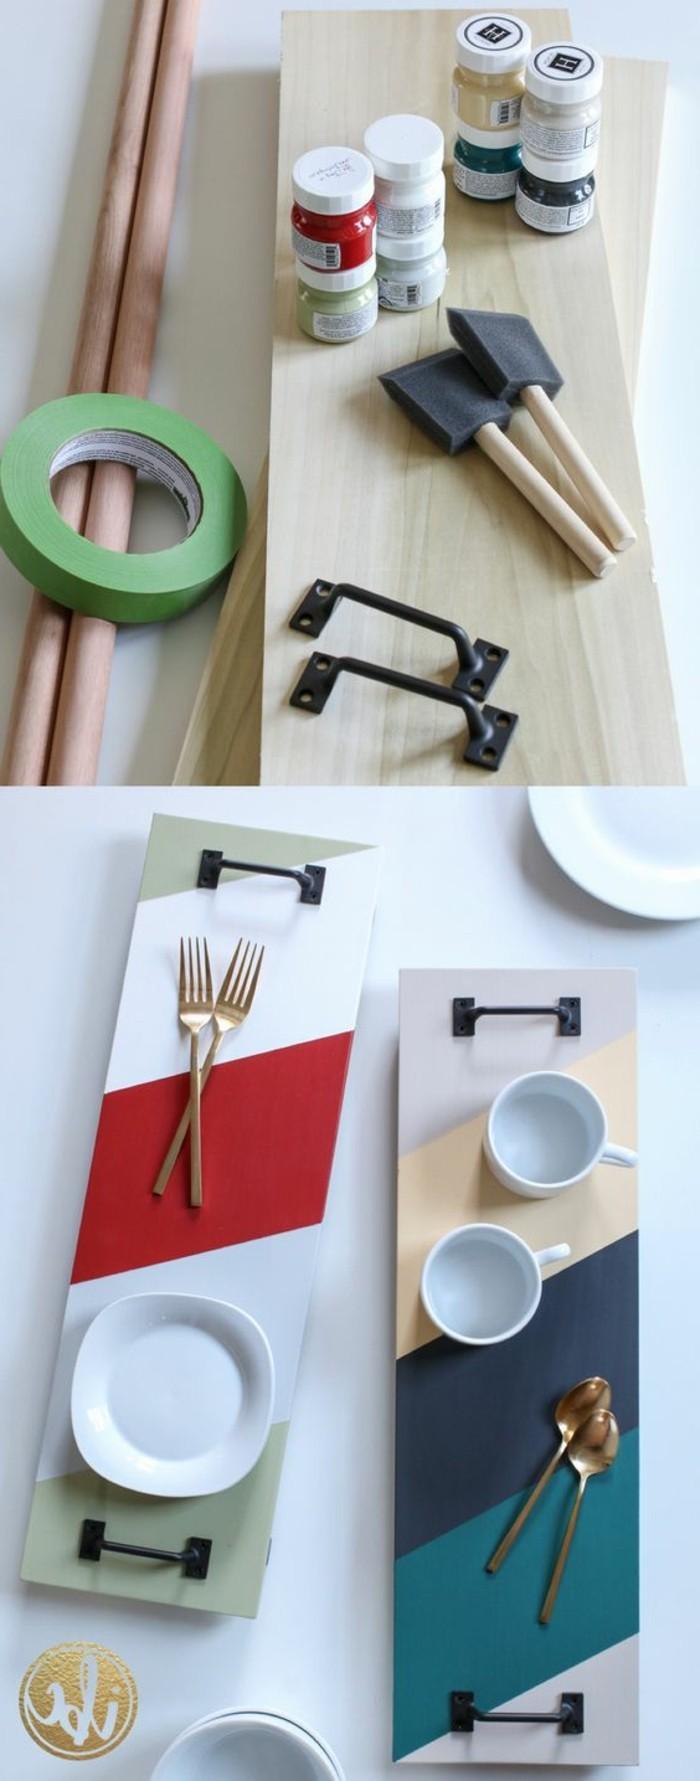 ejemplos de manualidades fáciles para regalar, set decorativo con mini tazas, regalos originales para tu pareja originales